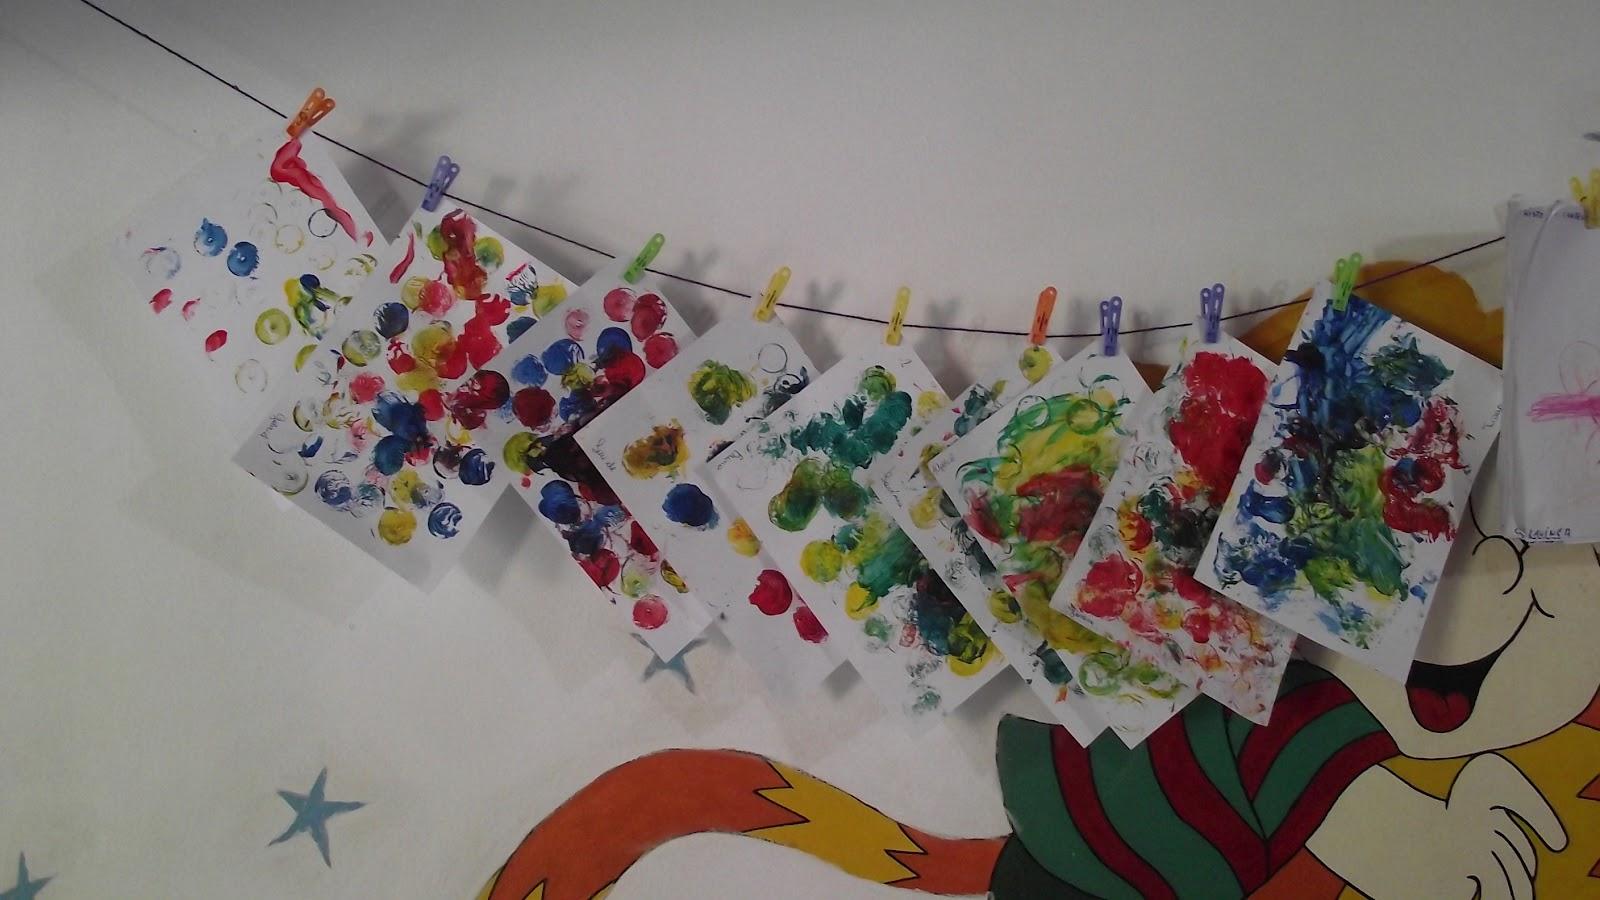 #713022 Vejam as fotos do Projeto Arte Mirim em parceria com a clinica  1600x900 px Projeto Cozinha Na Educação Infantil_4295 Imagens